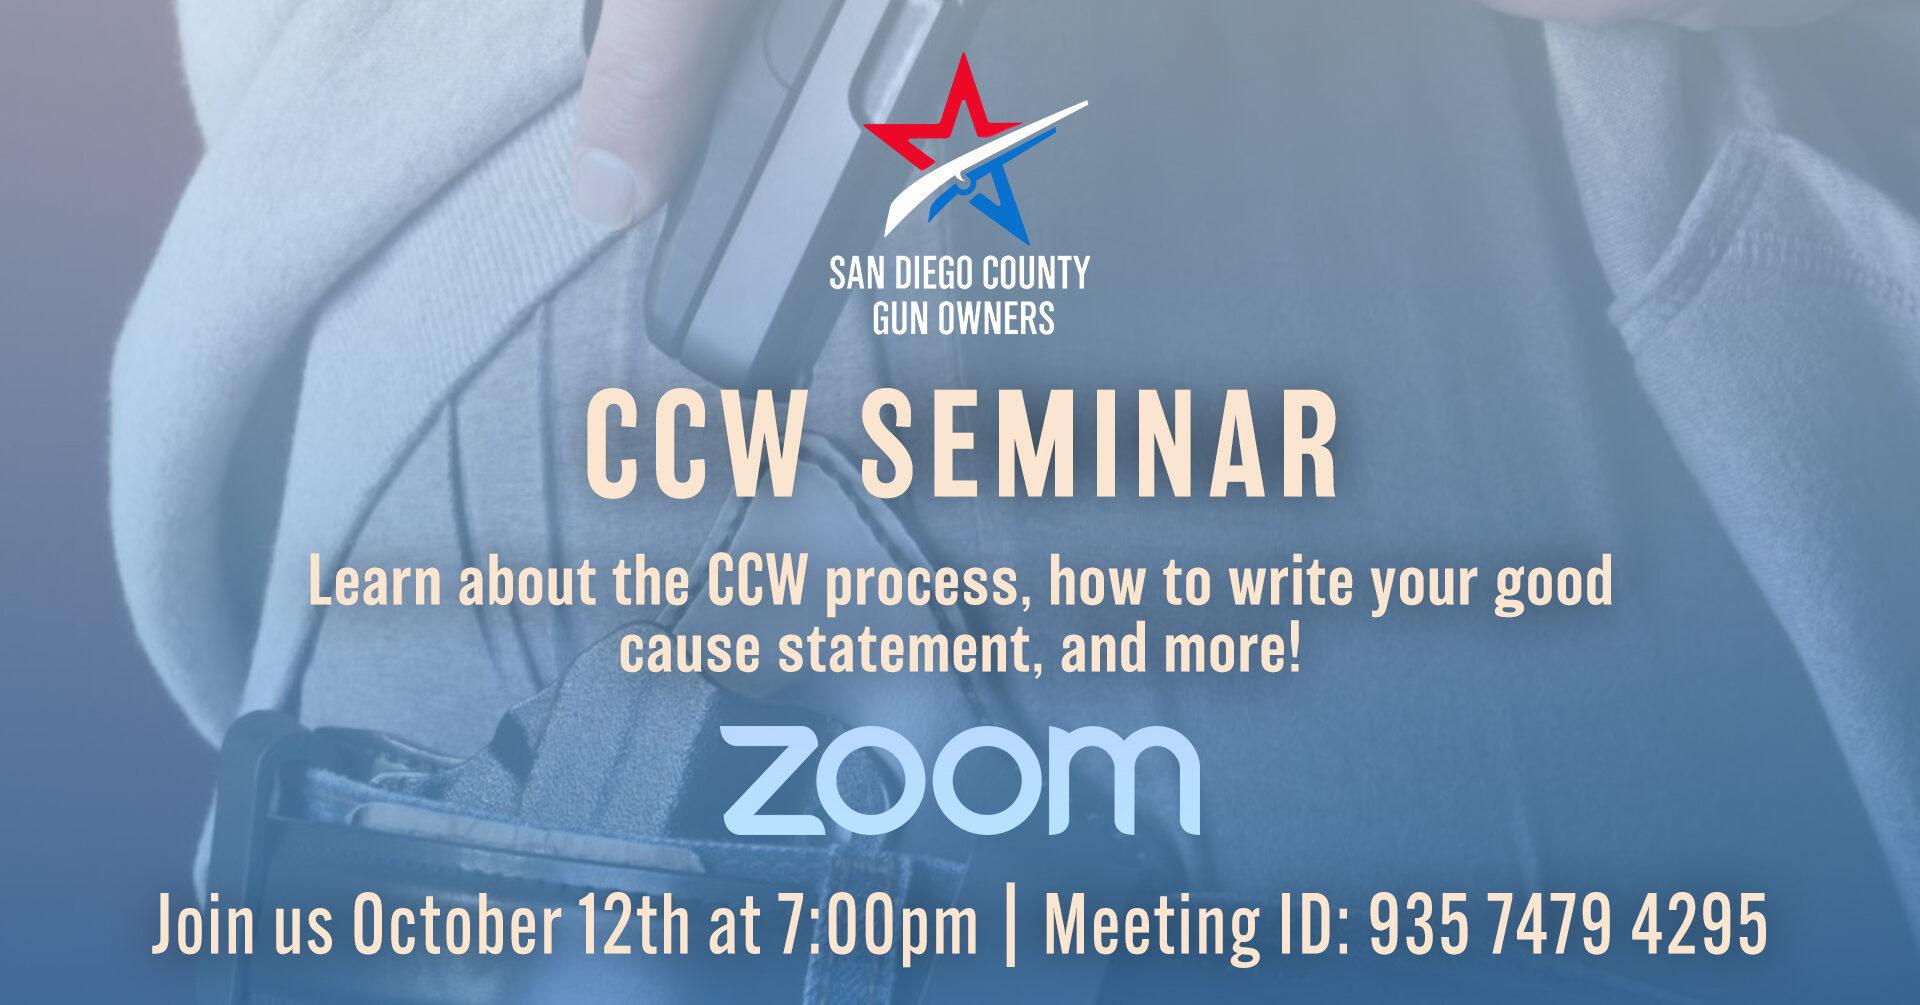 SD_CCW_Oct12